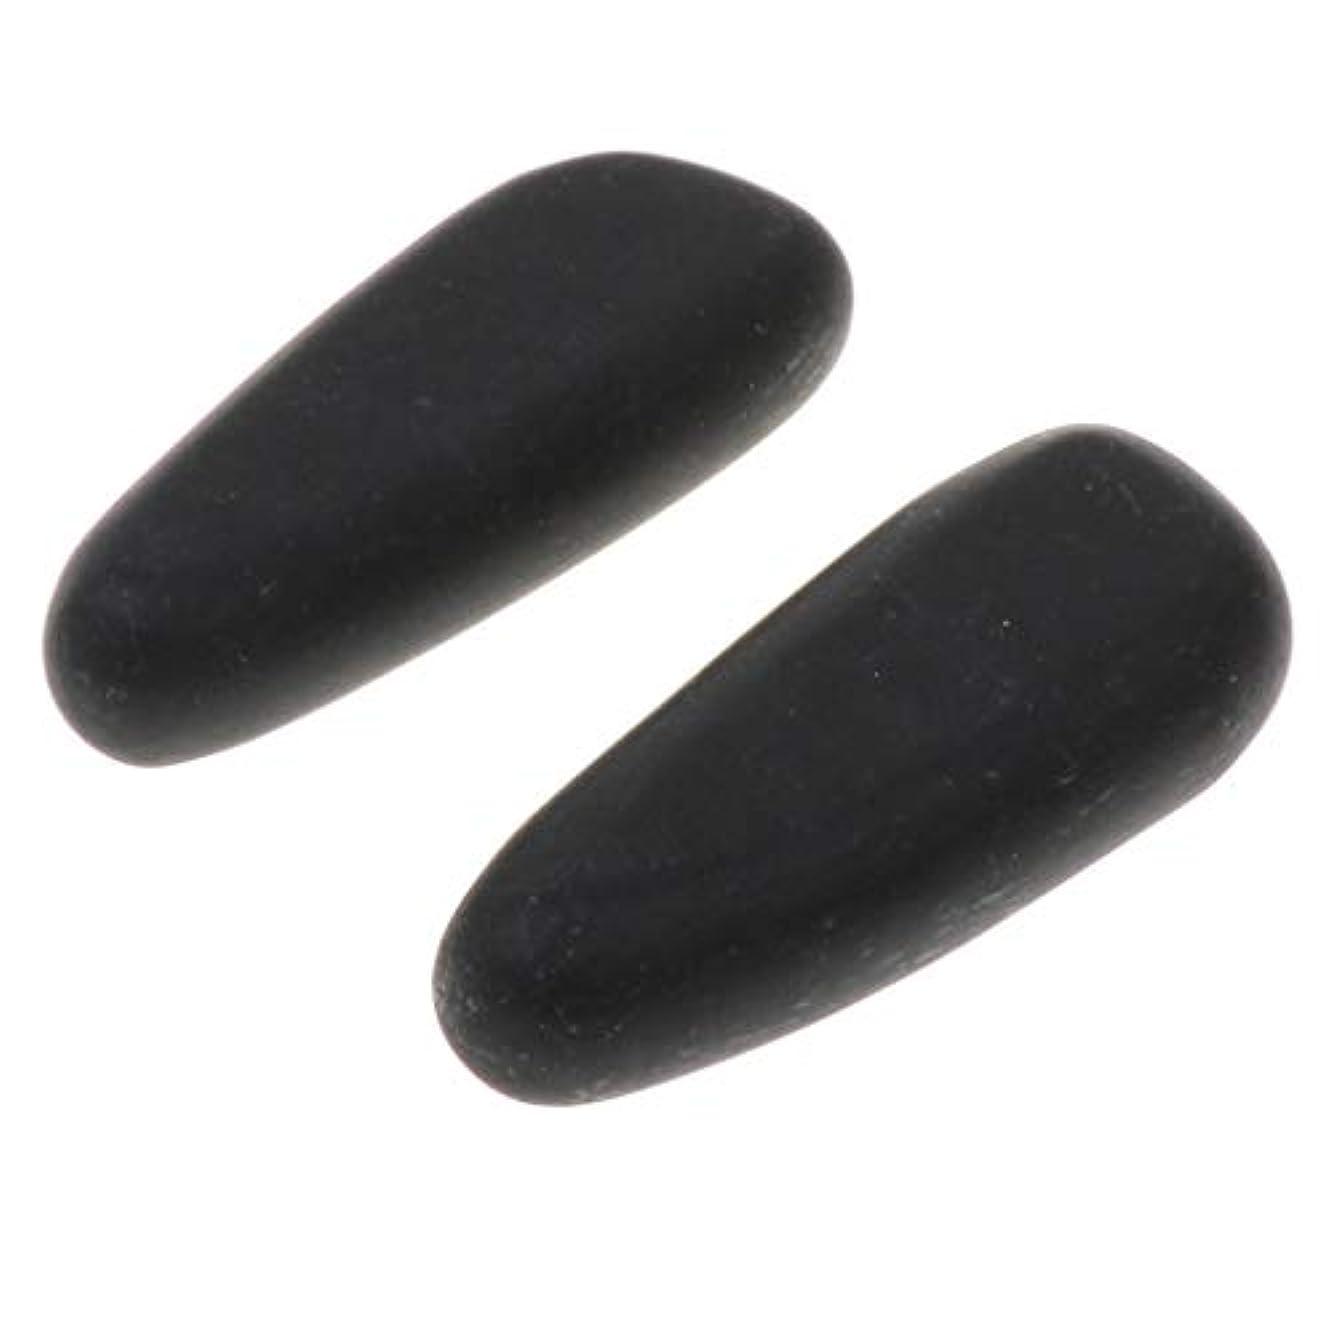 多数の不安課税マッサージストーン ボディマッサージ 天然石ホットストーン 玄武岩 SPA ツボ押しグッズ 2個 全2サイズ - 8×3.2×2cm